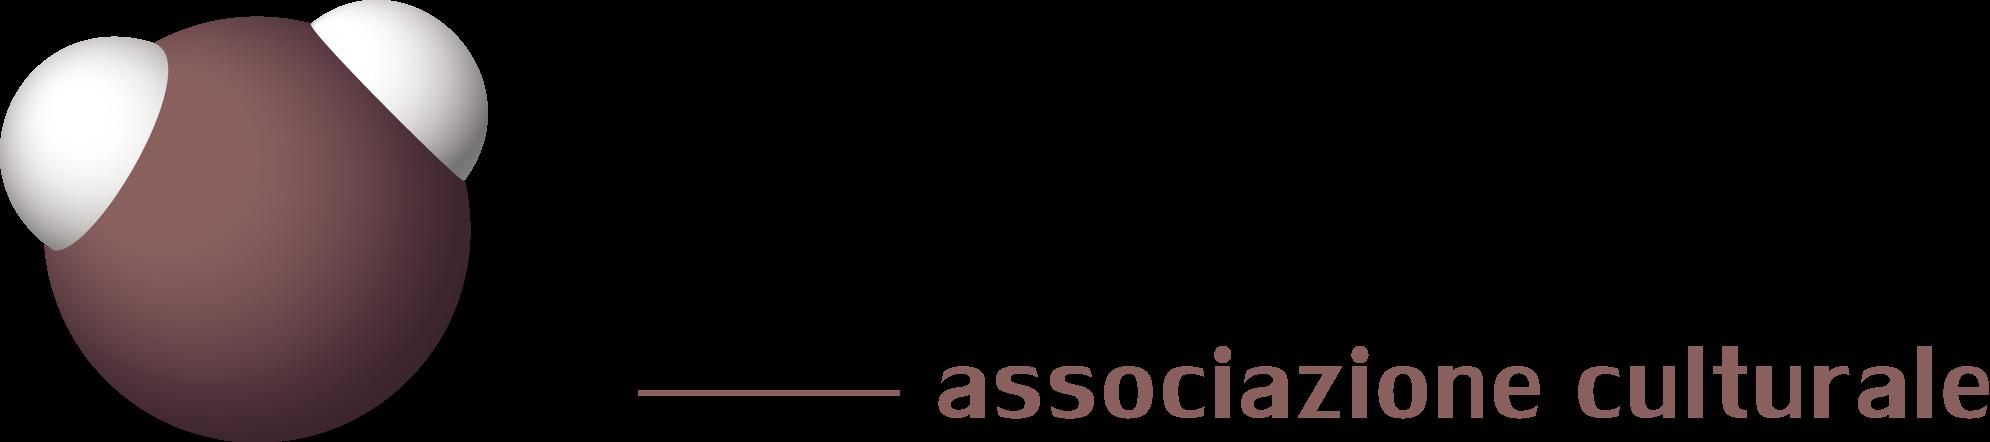 Associazione culturale Chimicare